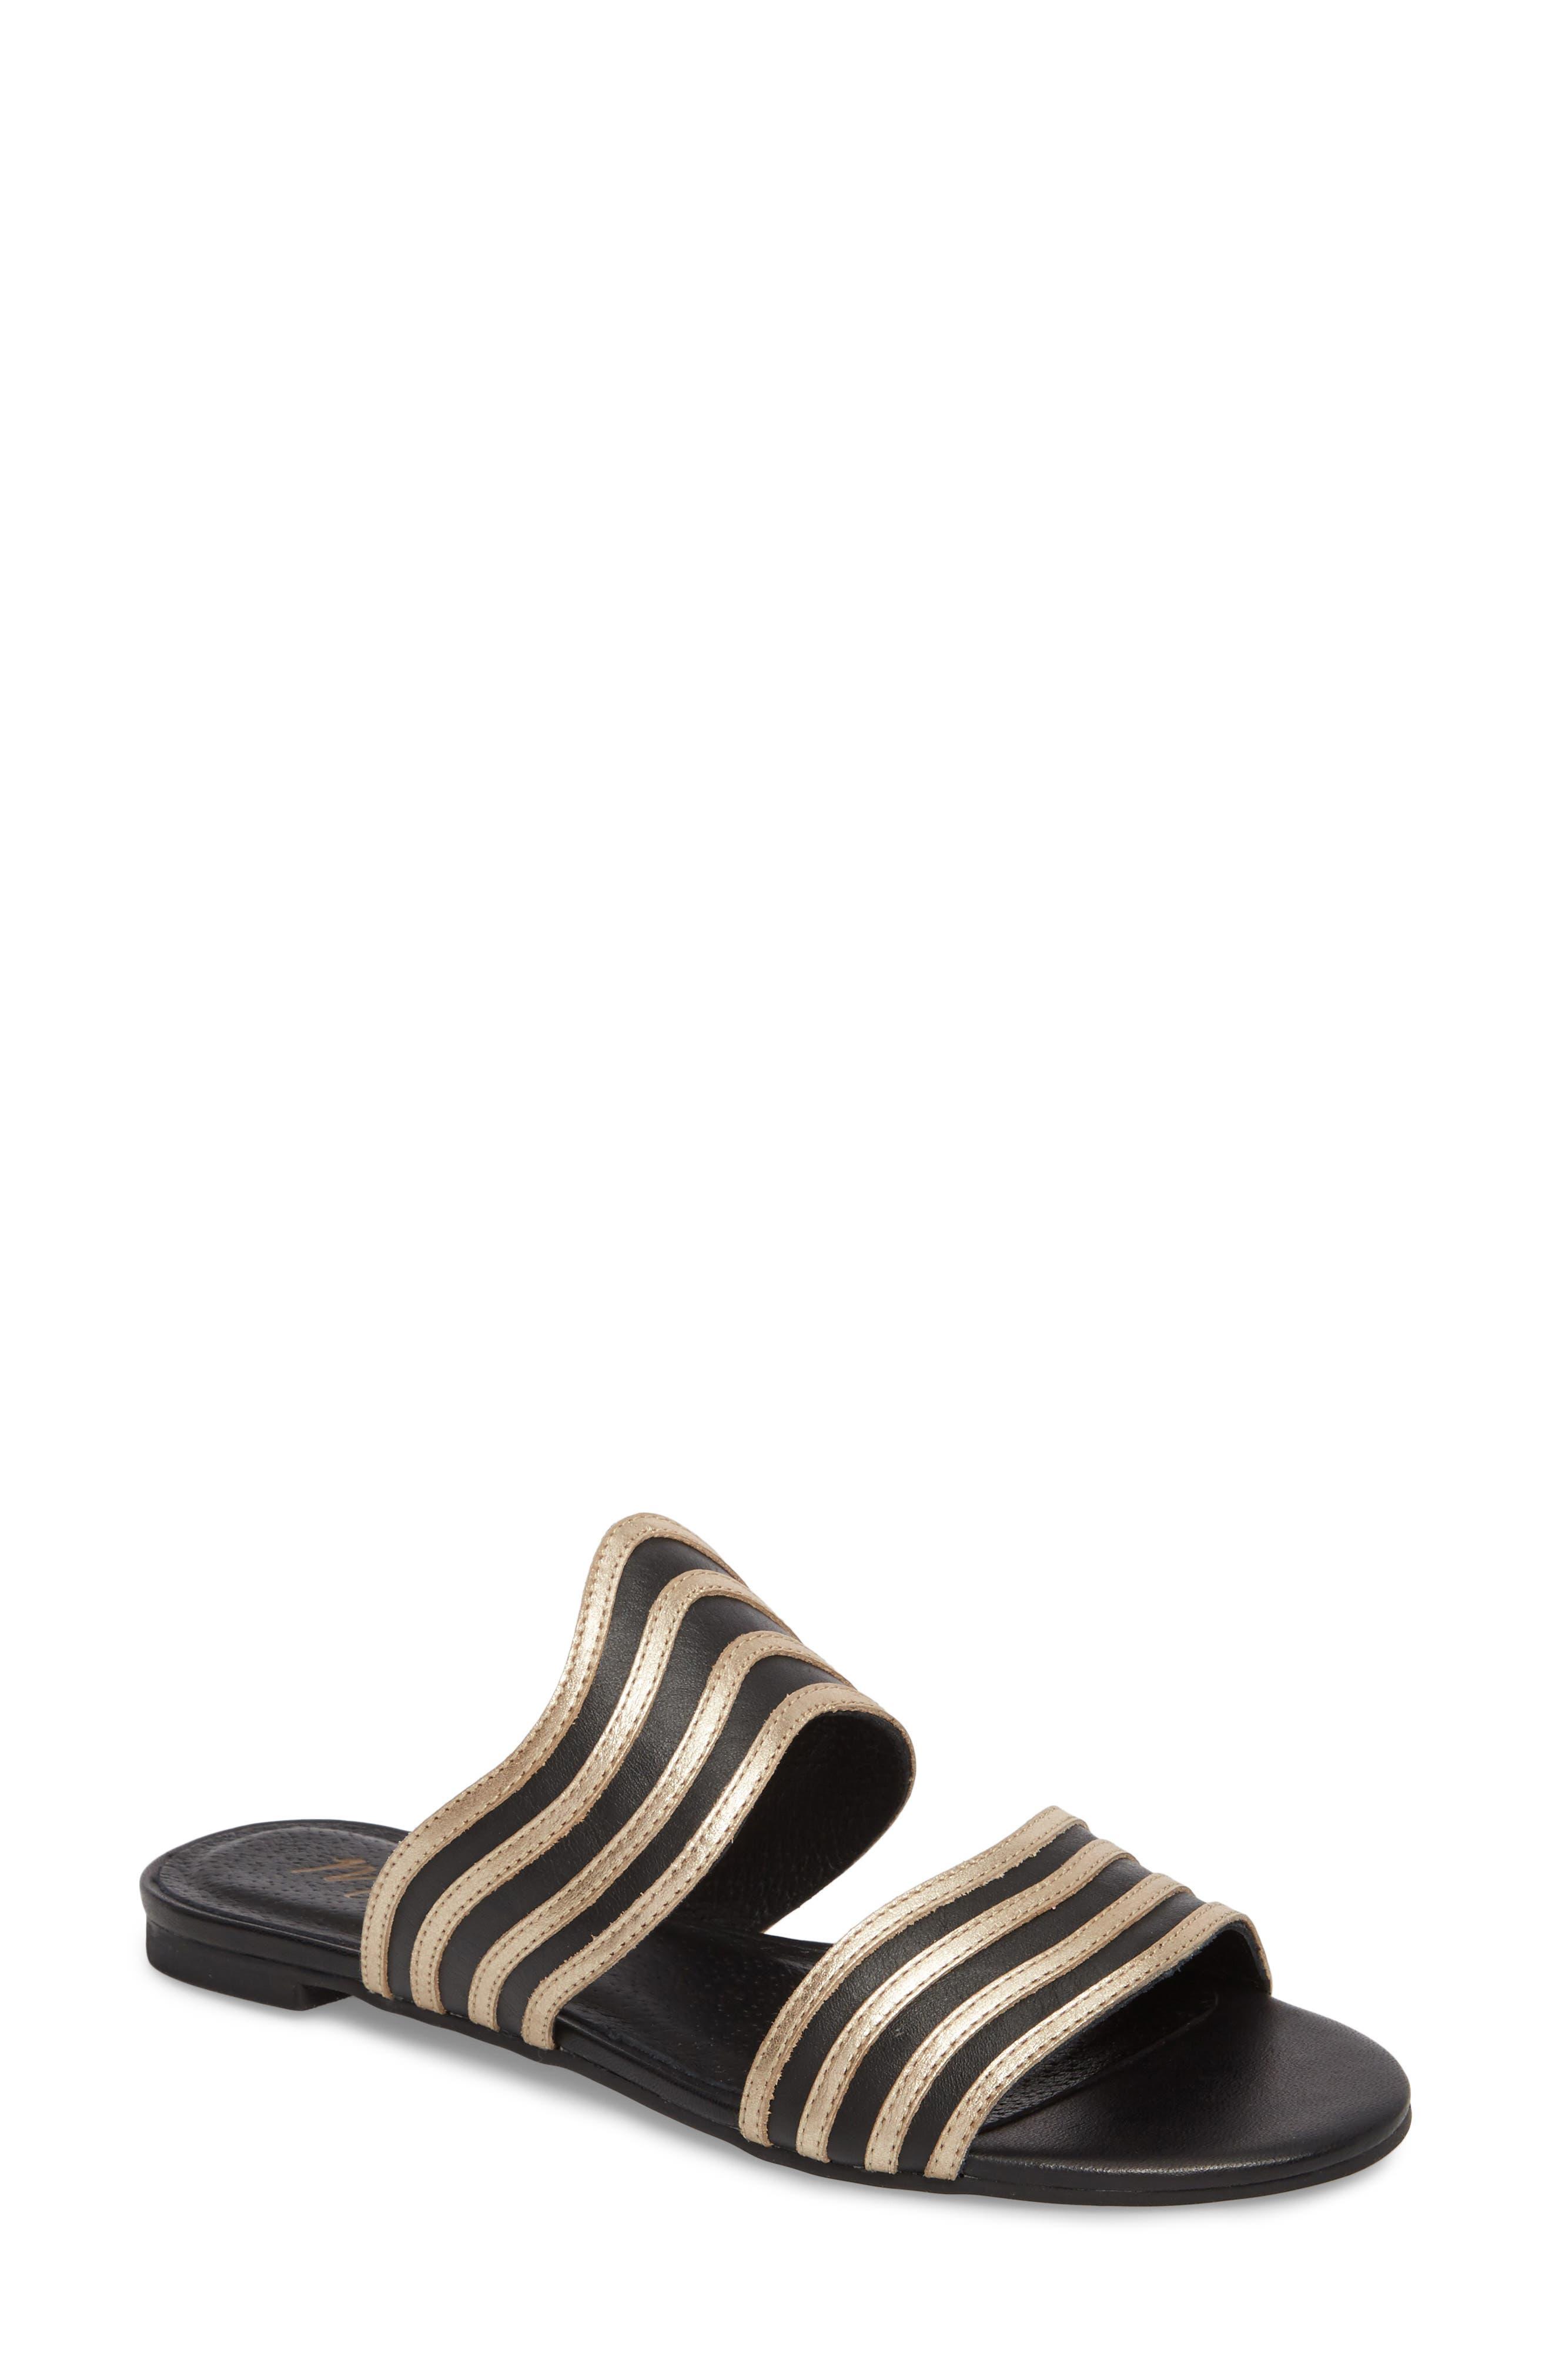 Russo Slide Sandal,                         Main,                         color, BLACK/ GOLD LEATHER